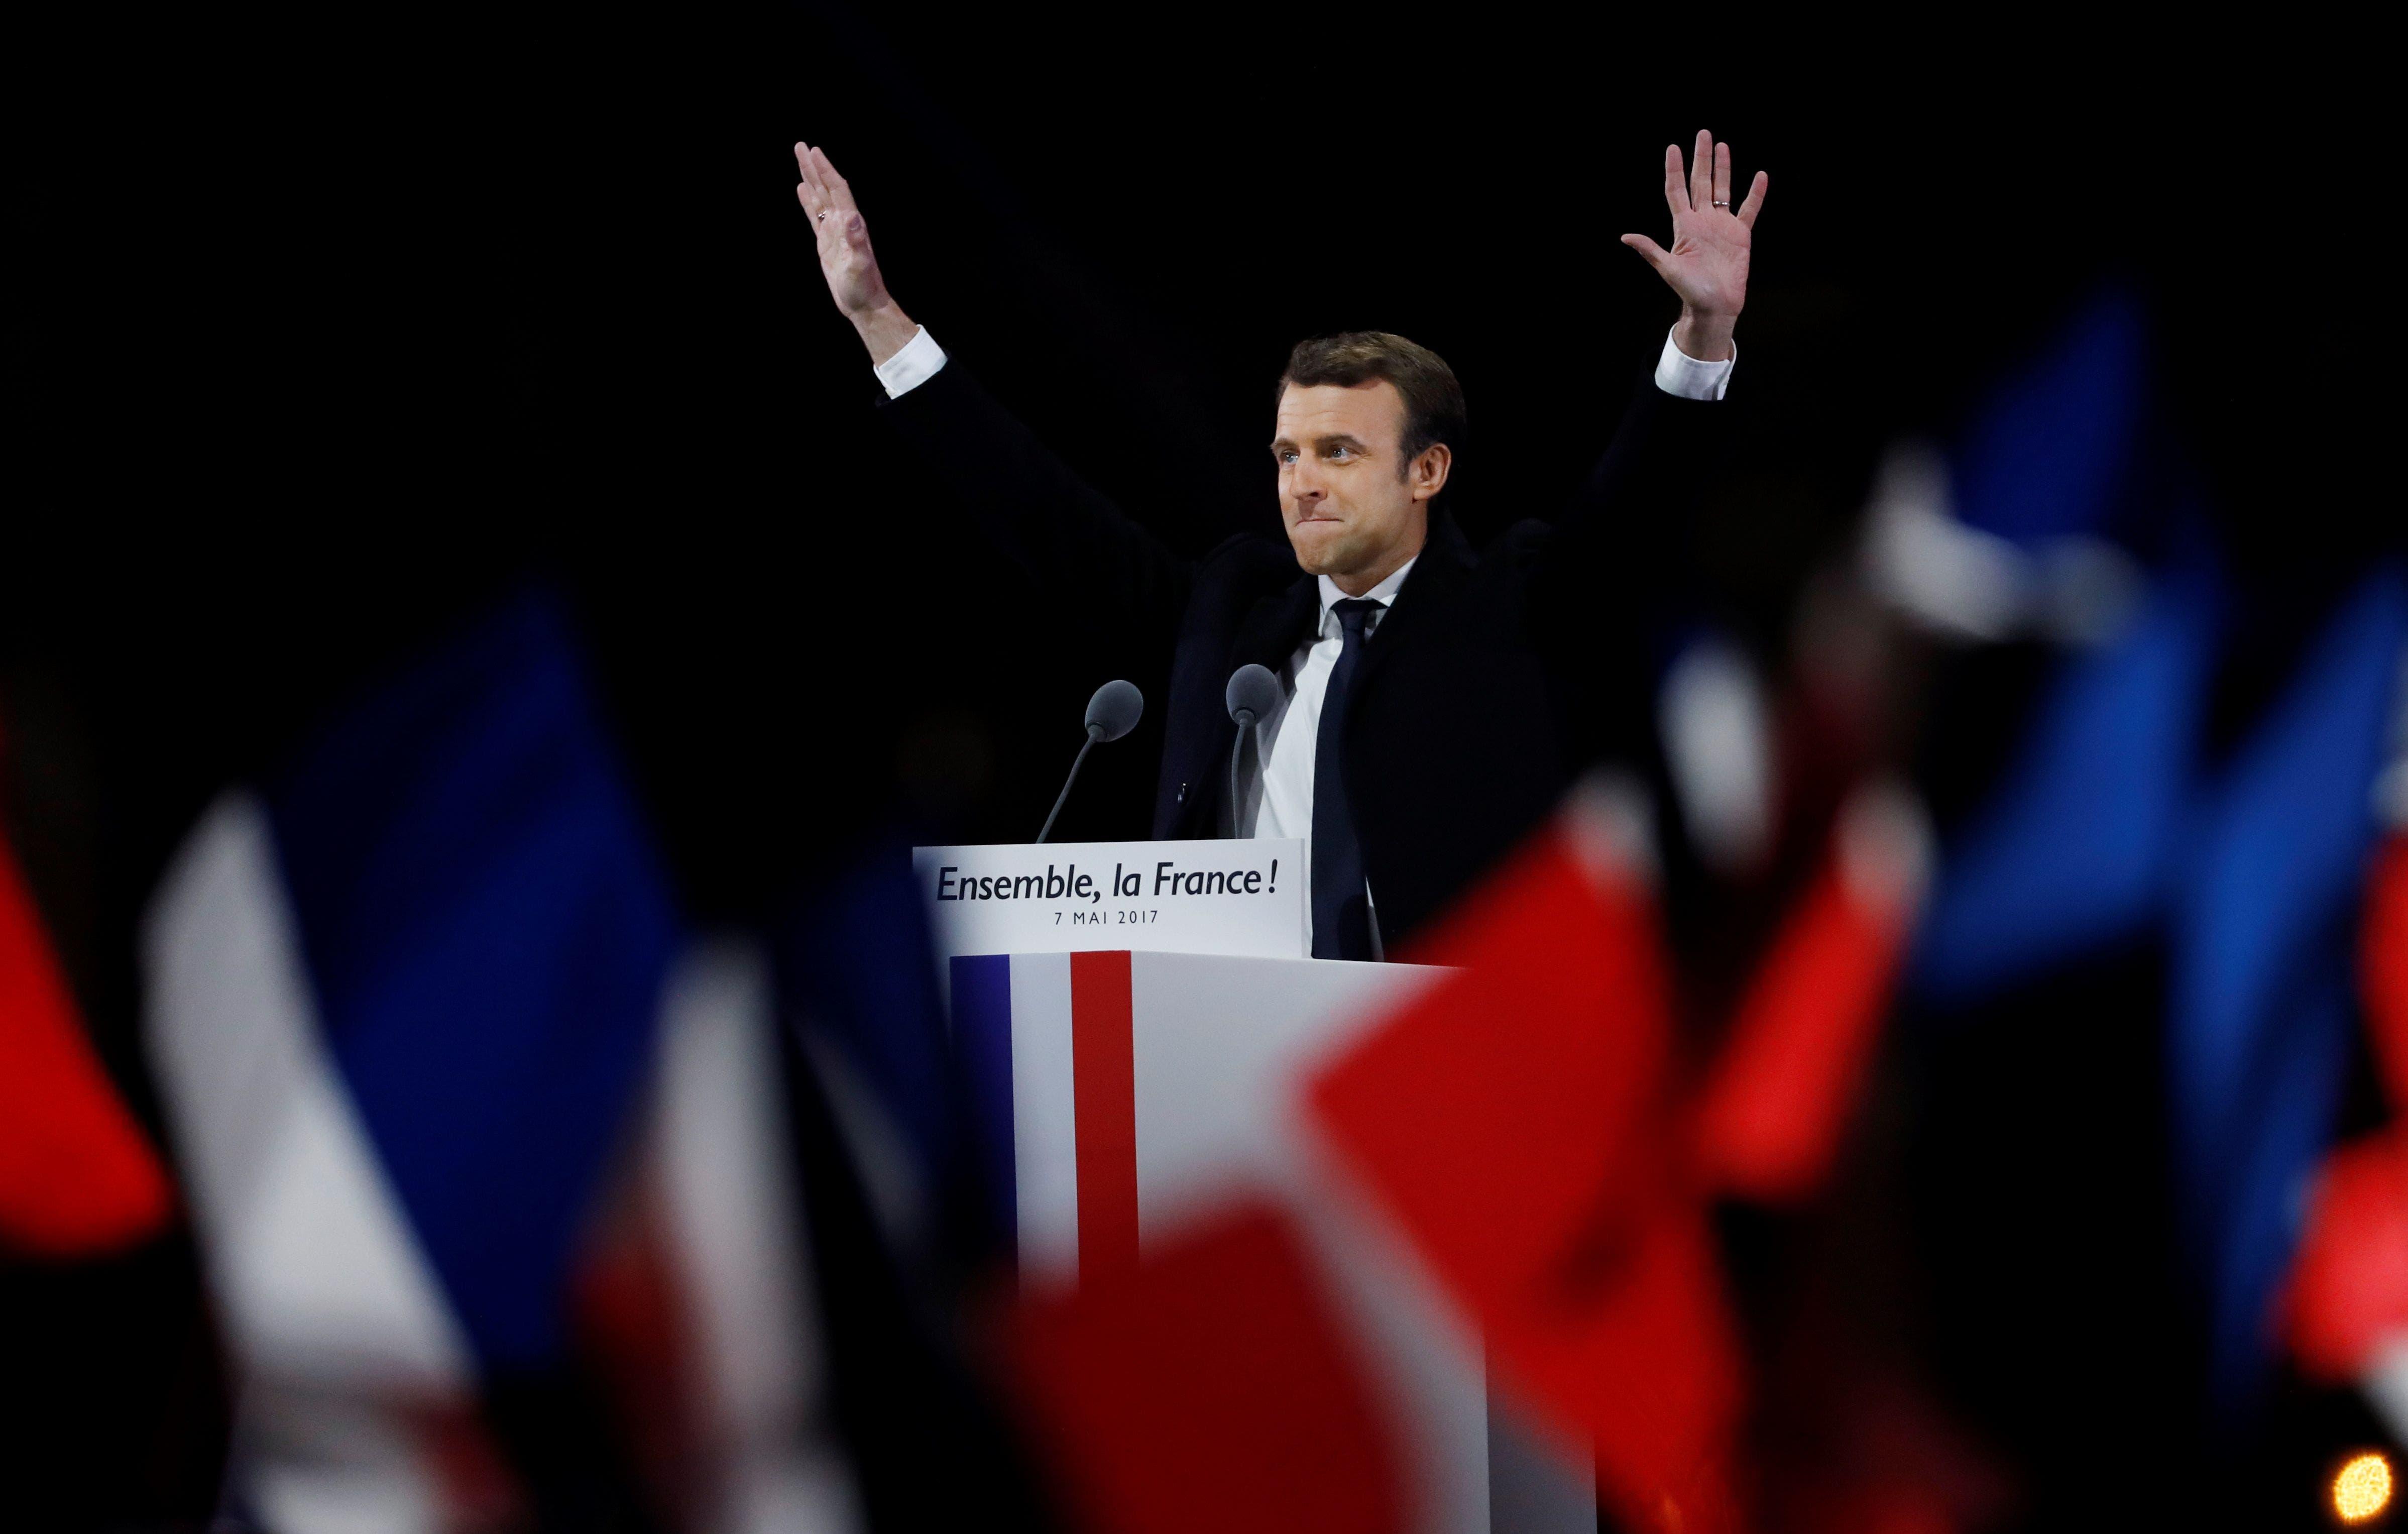 El triunfo de Emmanuel Macron, el presidente más joven de Francia